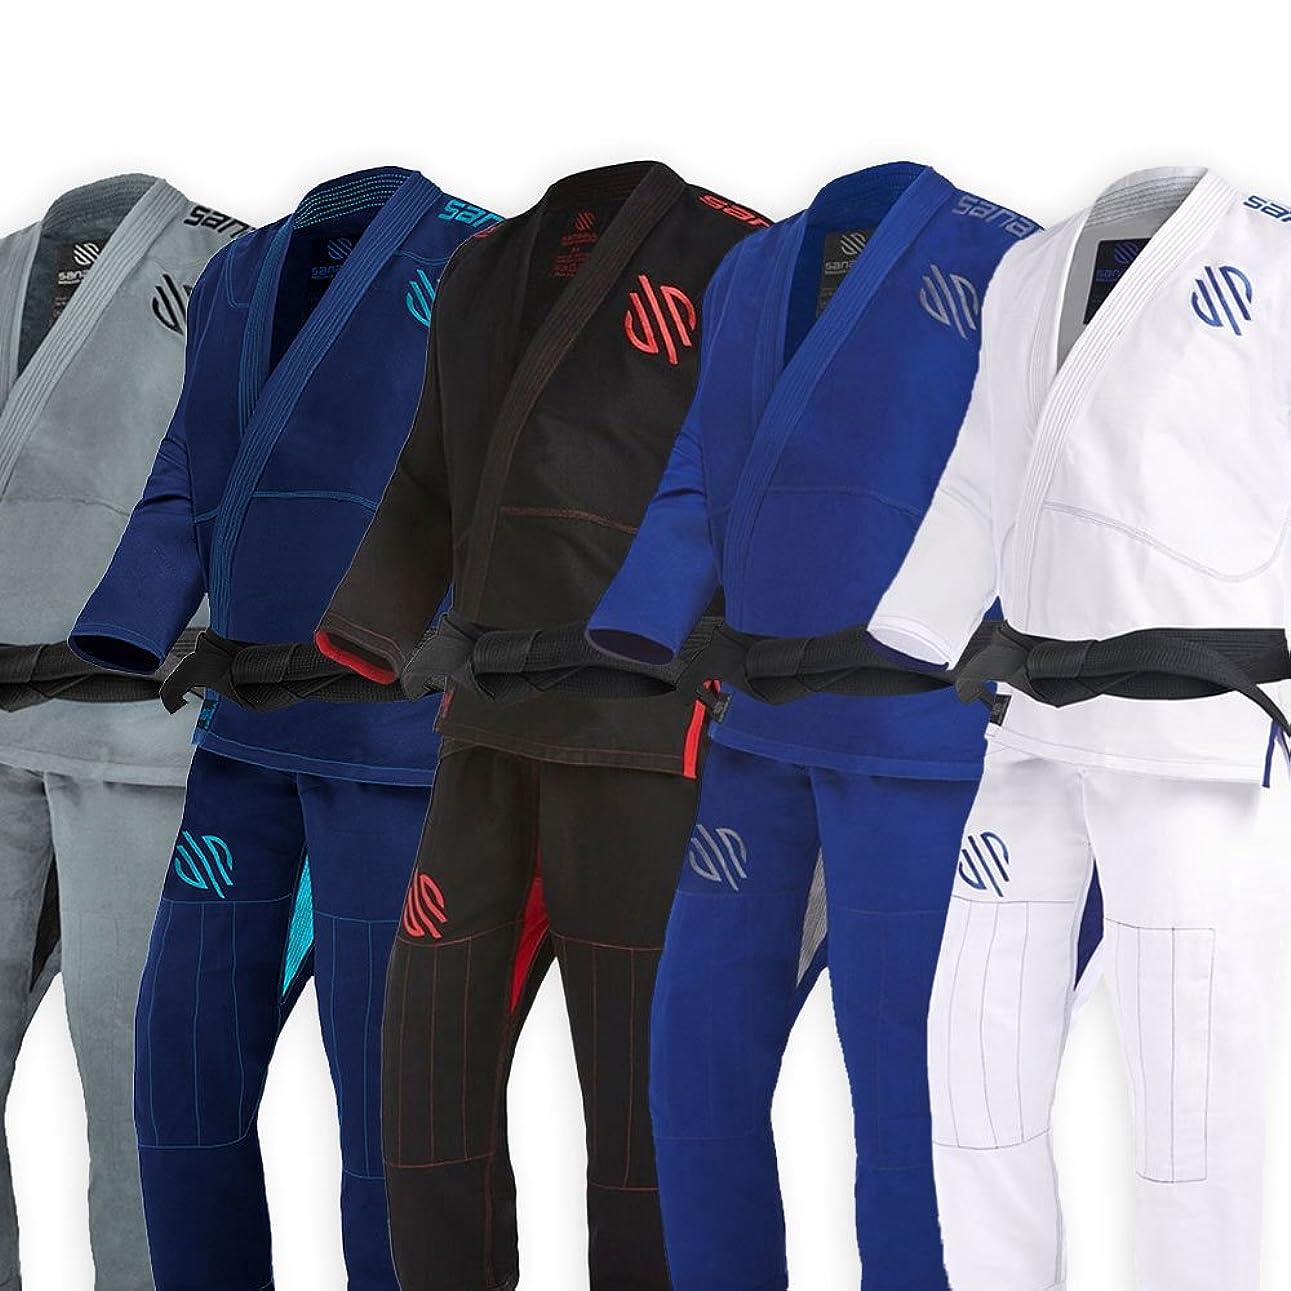 リベラル見習いたぶんSanabul Essentials v.2ウルトラライトBJJ Jiu Jitsu Gi with防縮加工ファブリック